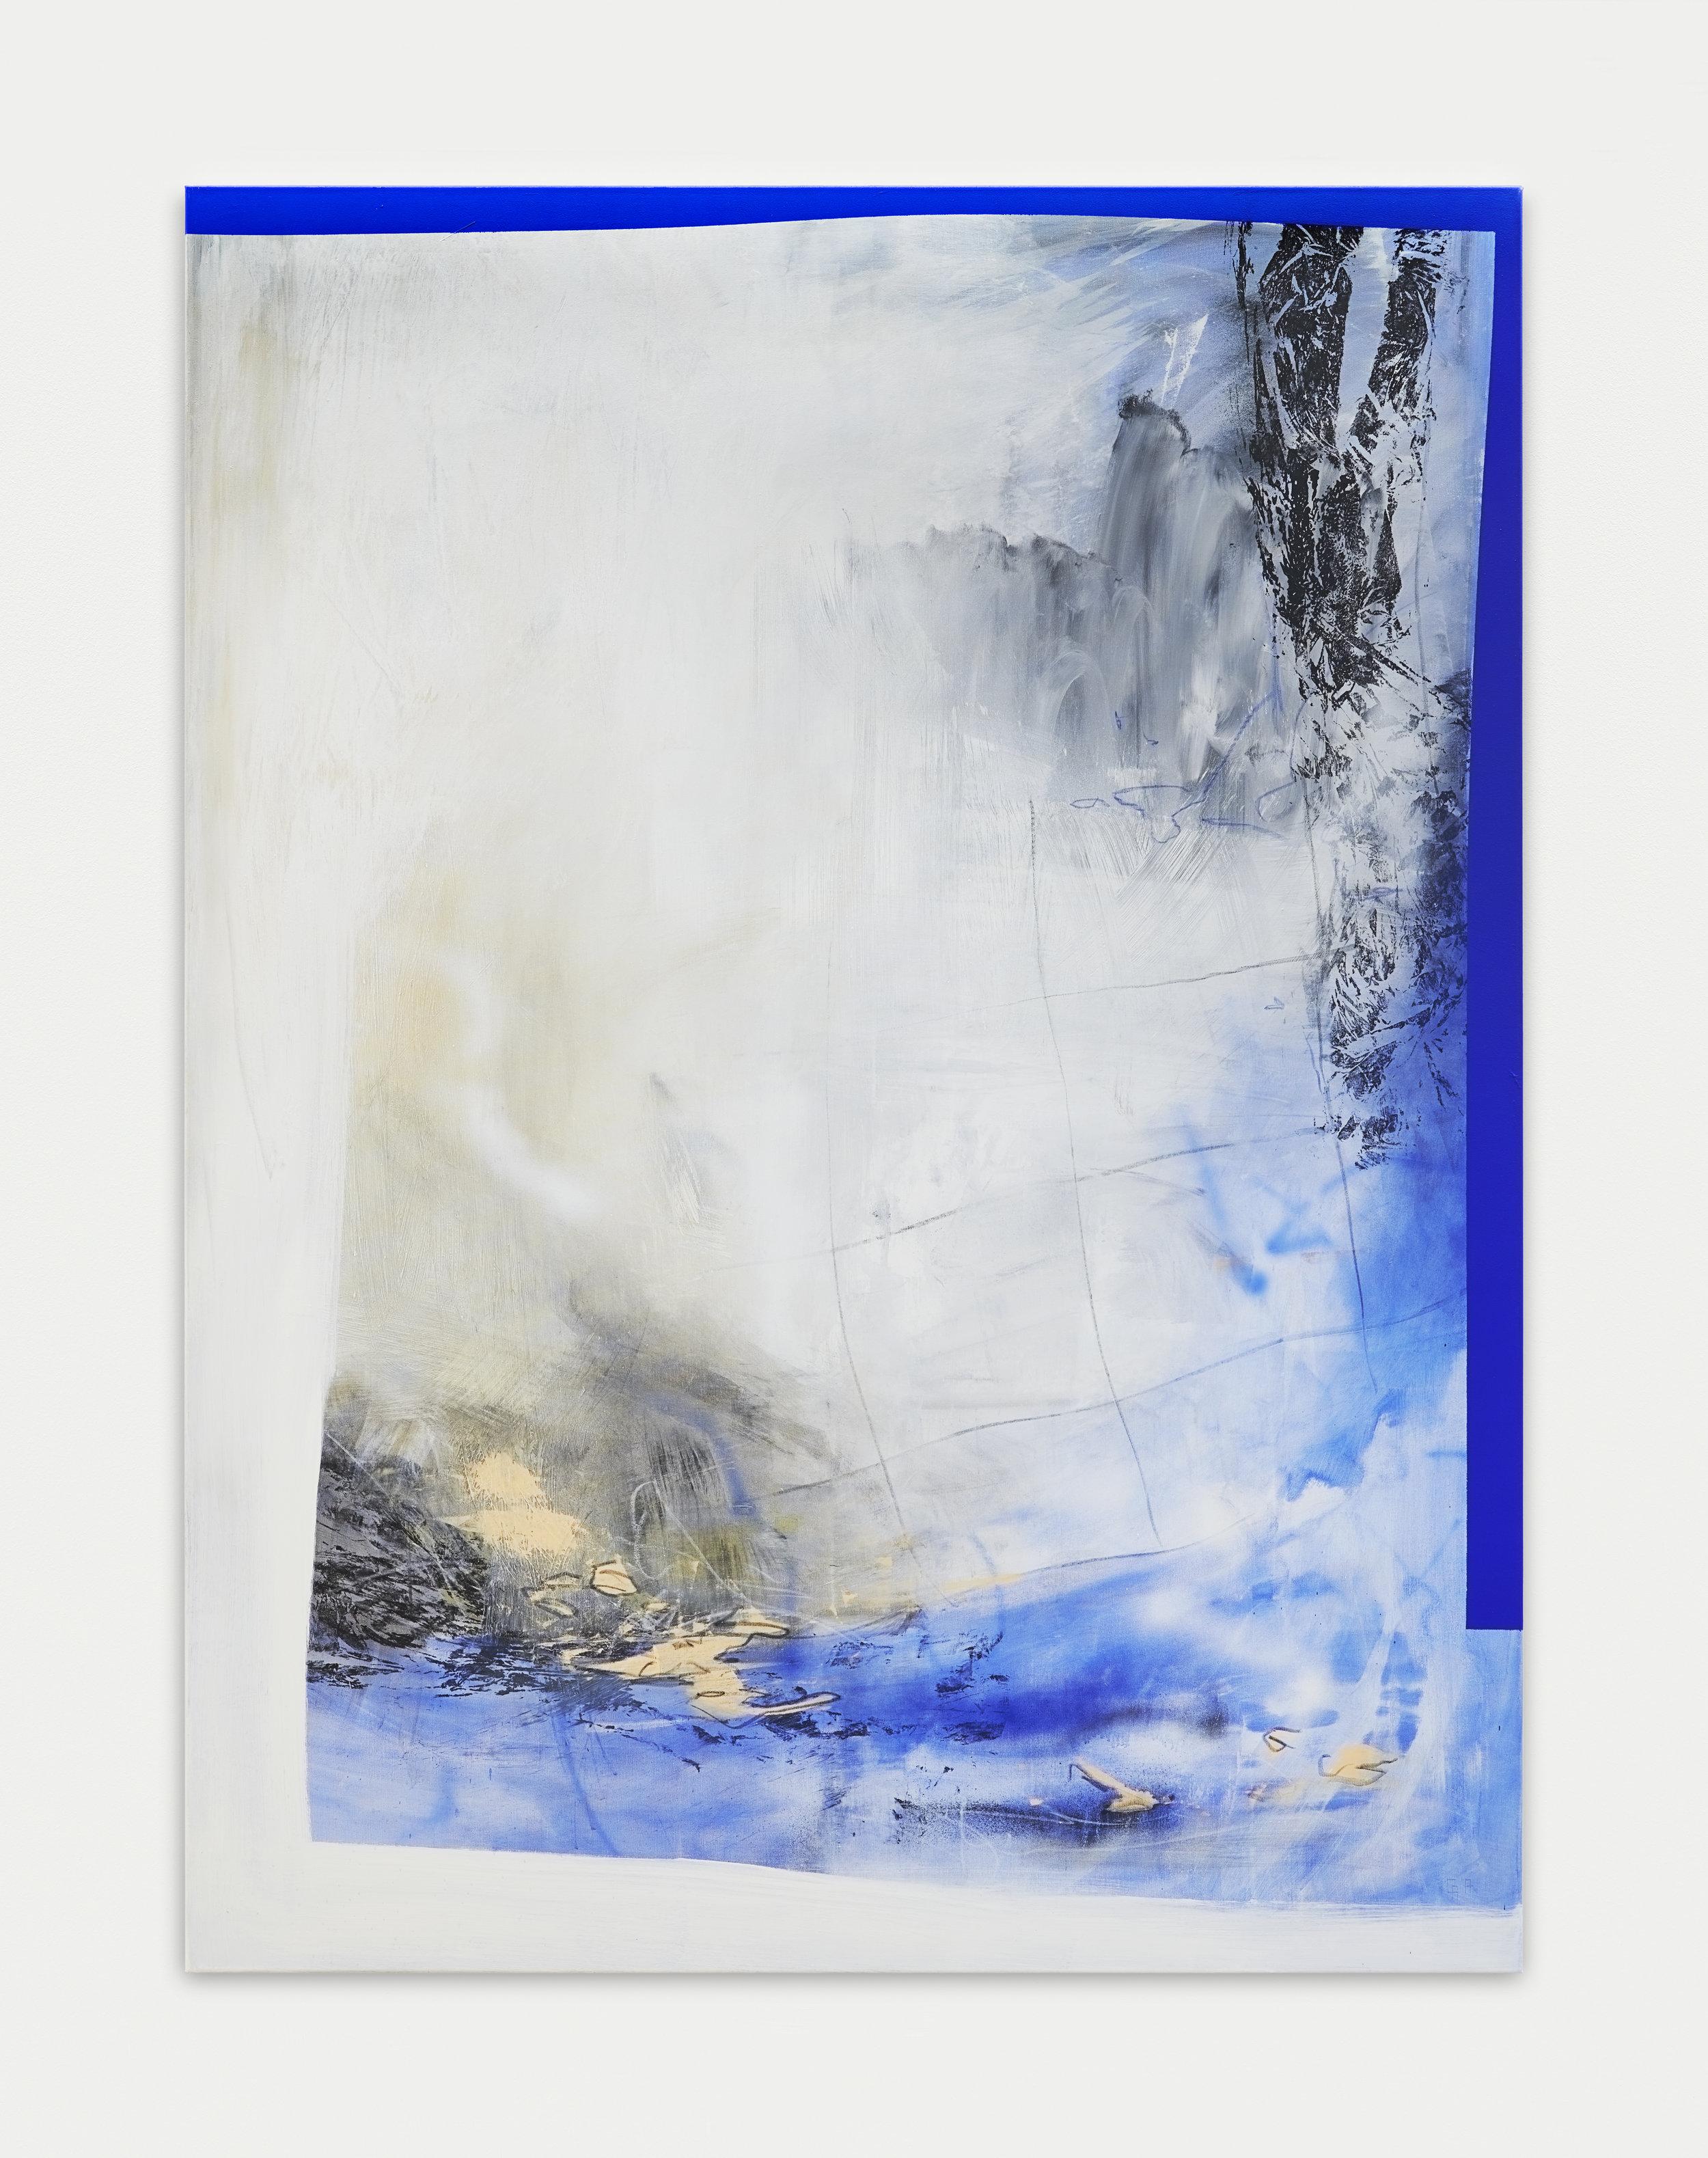 DEZ126 | Acryl auf Leinwand | 200 x 150 cm | 2017 | @GALERIE ALBER